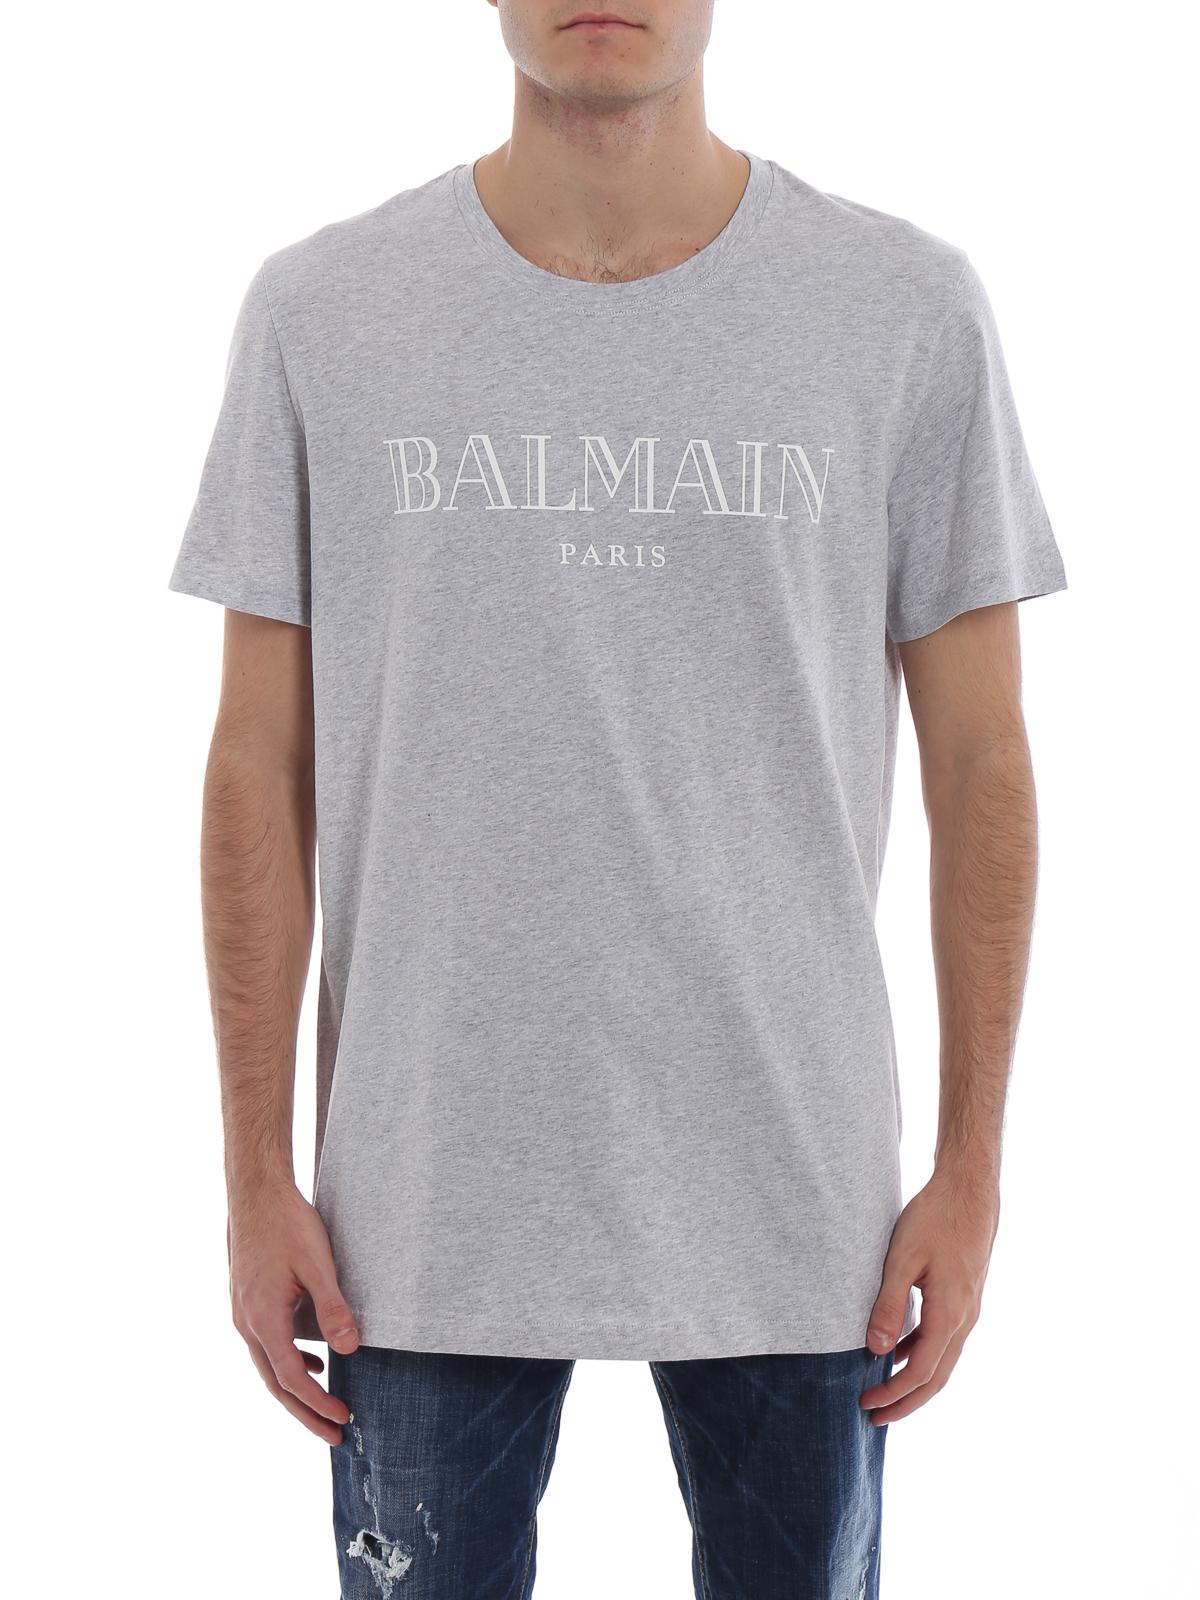 1504914c5 iKRIX Balmain: t-shirts - Balmain Paris logo grey cotton T-shirt